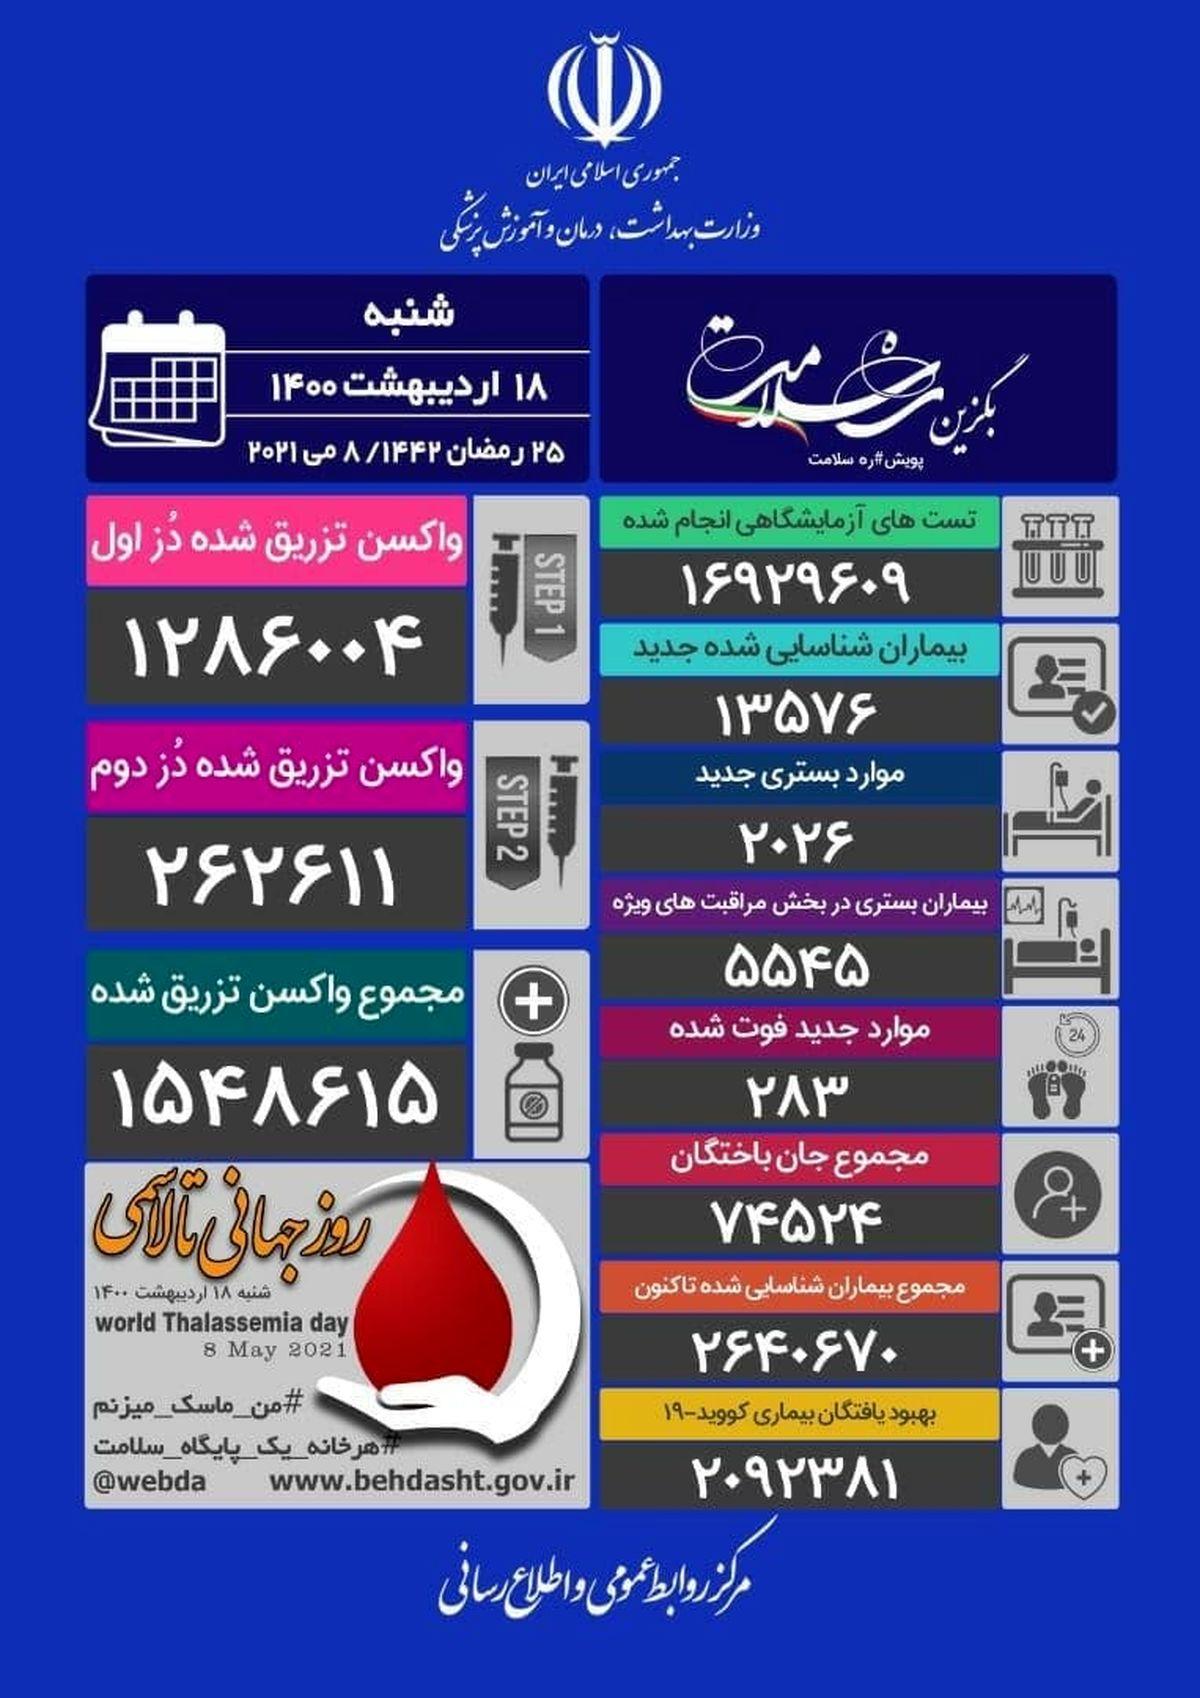 آخرین آمار کرونا در ایران /۲۸۳ فوتی وشناسایی ۱۳۵۷۶ بیمار دیگر